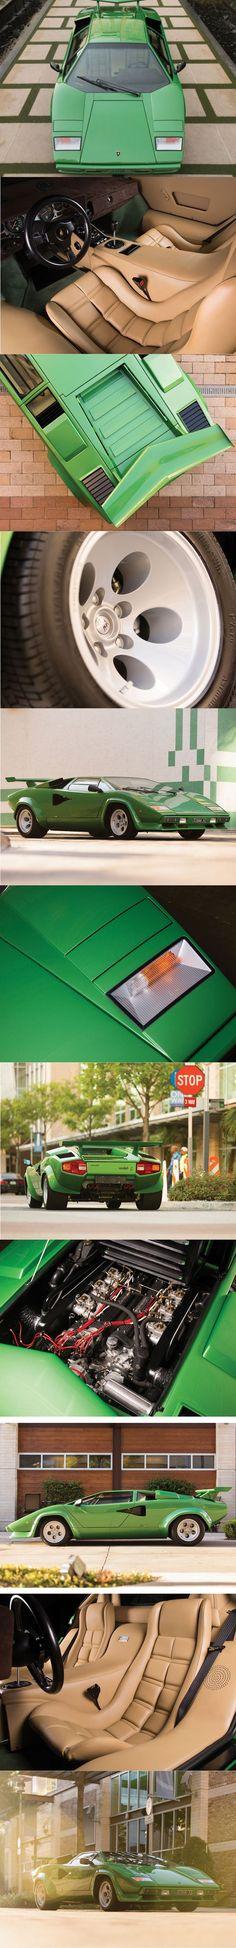 1978 Lamborghini Countach LP400 S / Italy / green / 350 hp / 82 manufactured / www.autovisie.nl / Bertone Marcello Gandini / 16-86